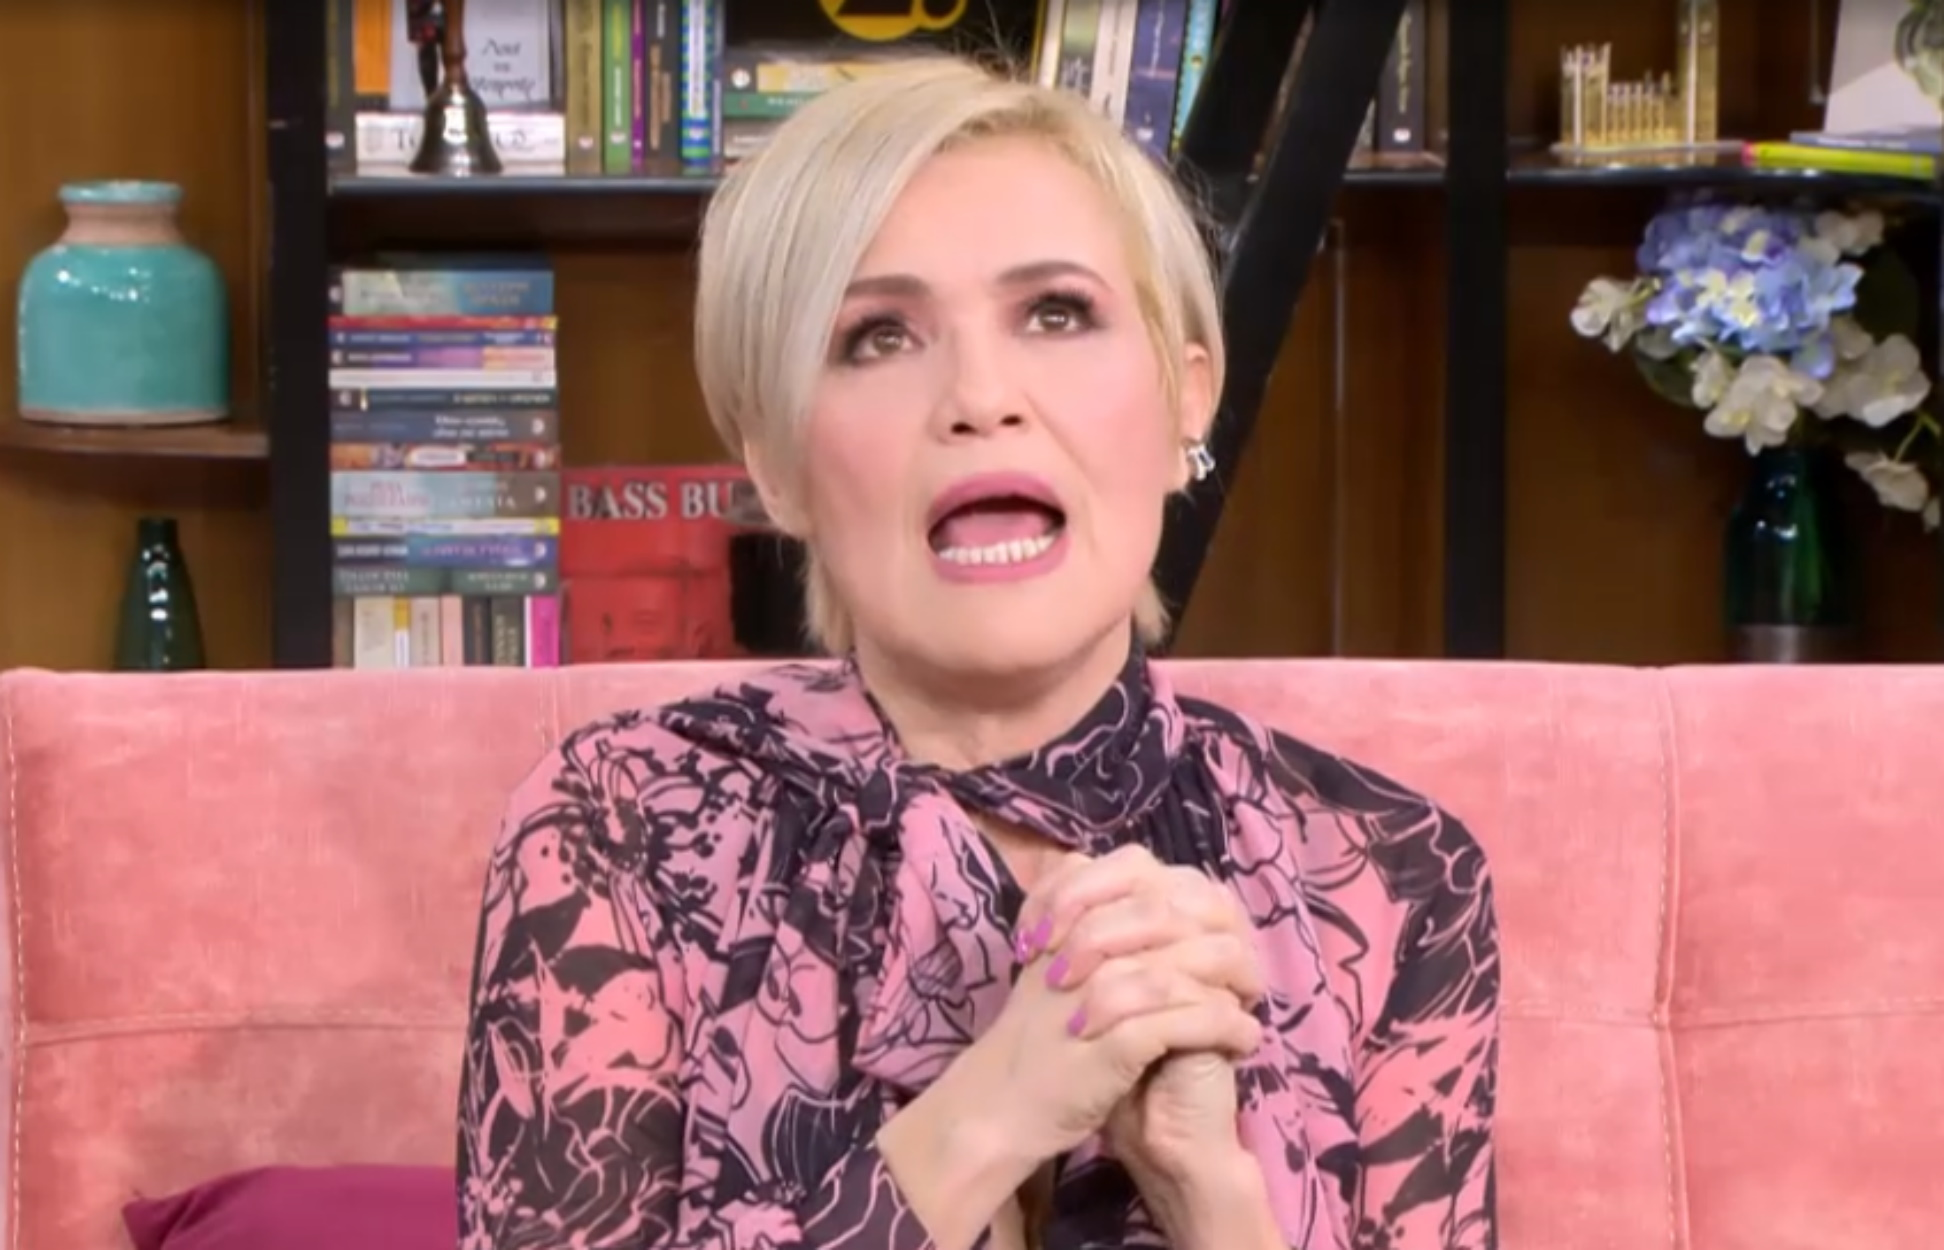 Χείμαρρος η Κωνσταντίνα Μιχαήλ: Ξέραμε, ακούγαμε, είχαμε συνηθίσει από την παθογένεια (video)